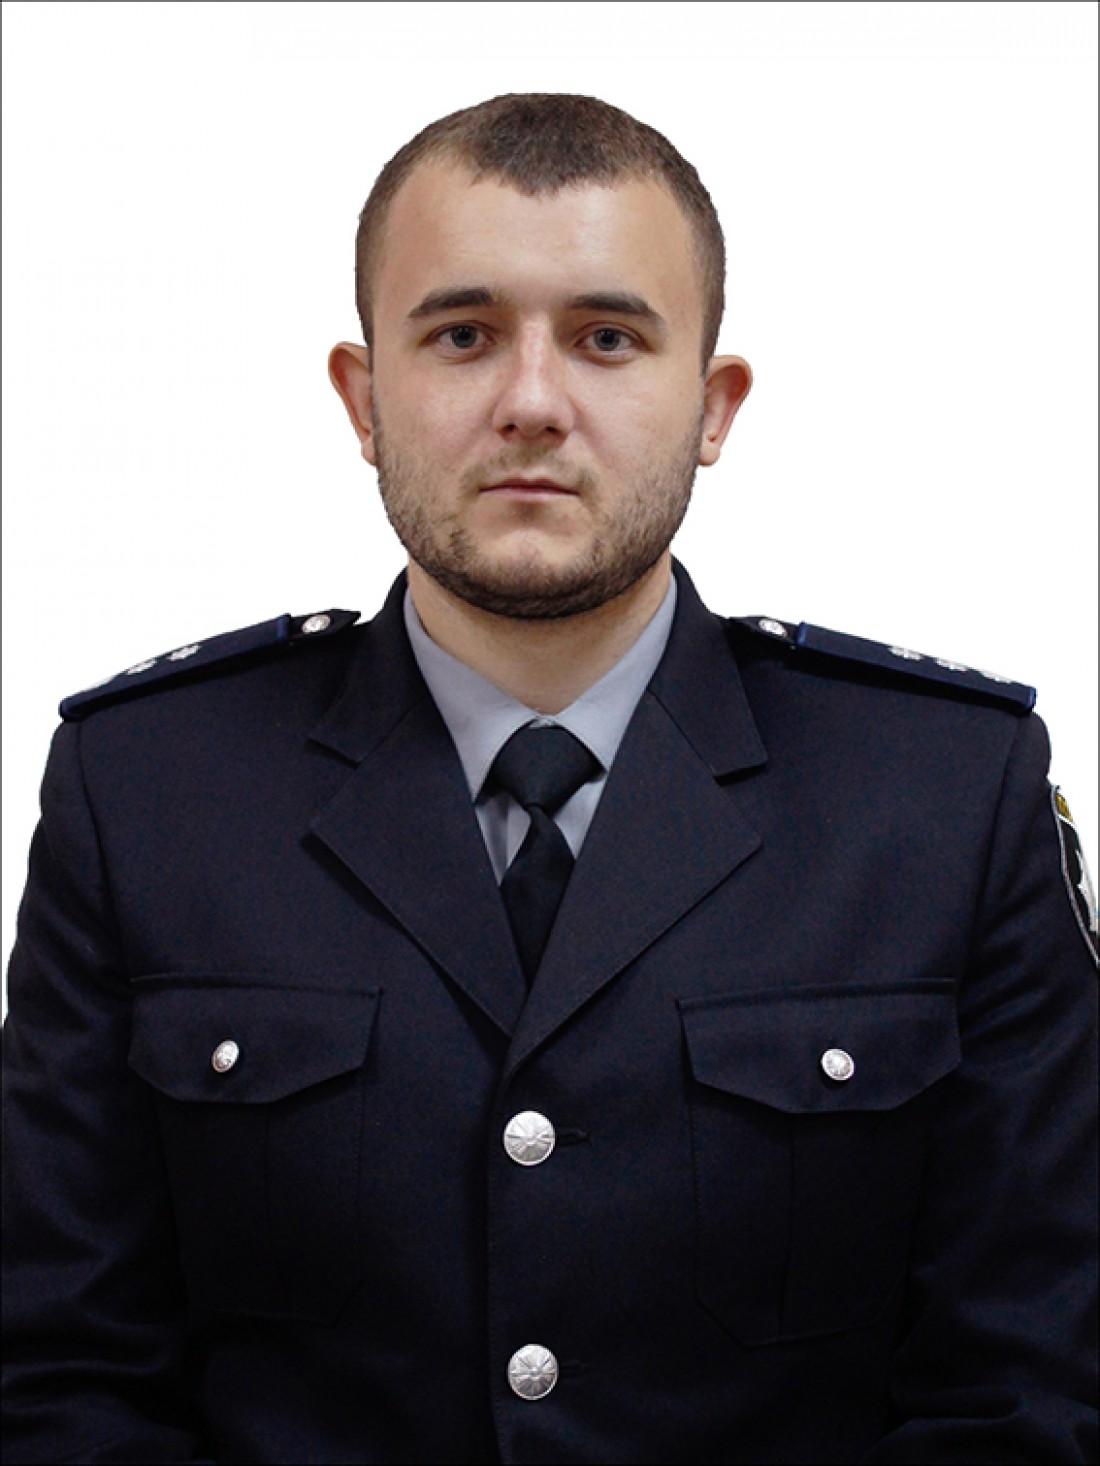 Погибший старший лейтенант полиции Юлиан Рудько